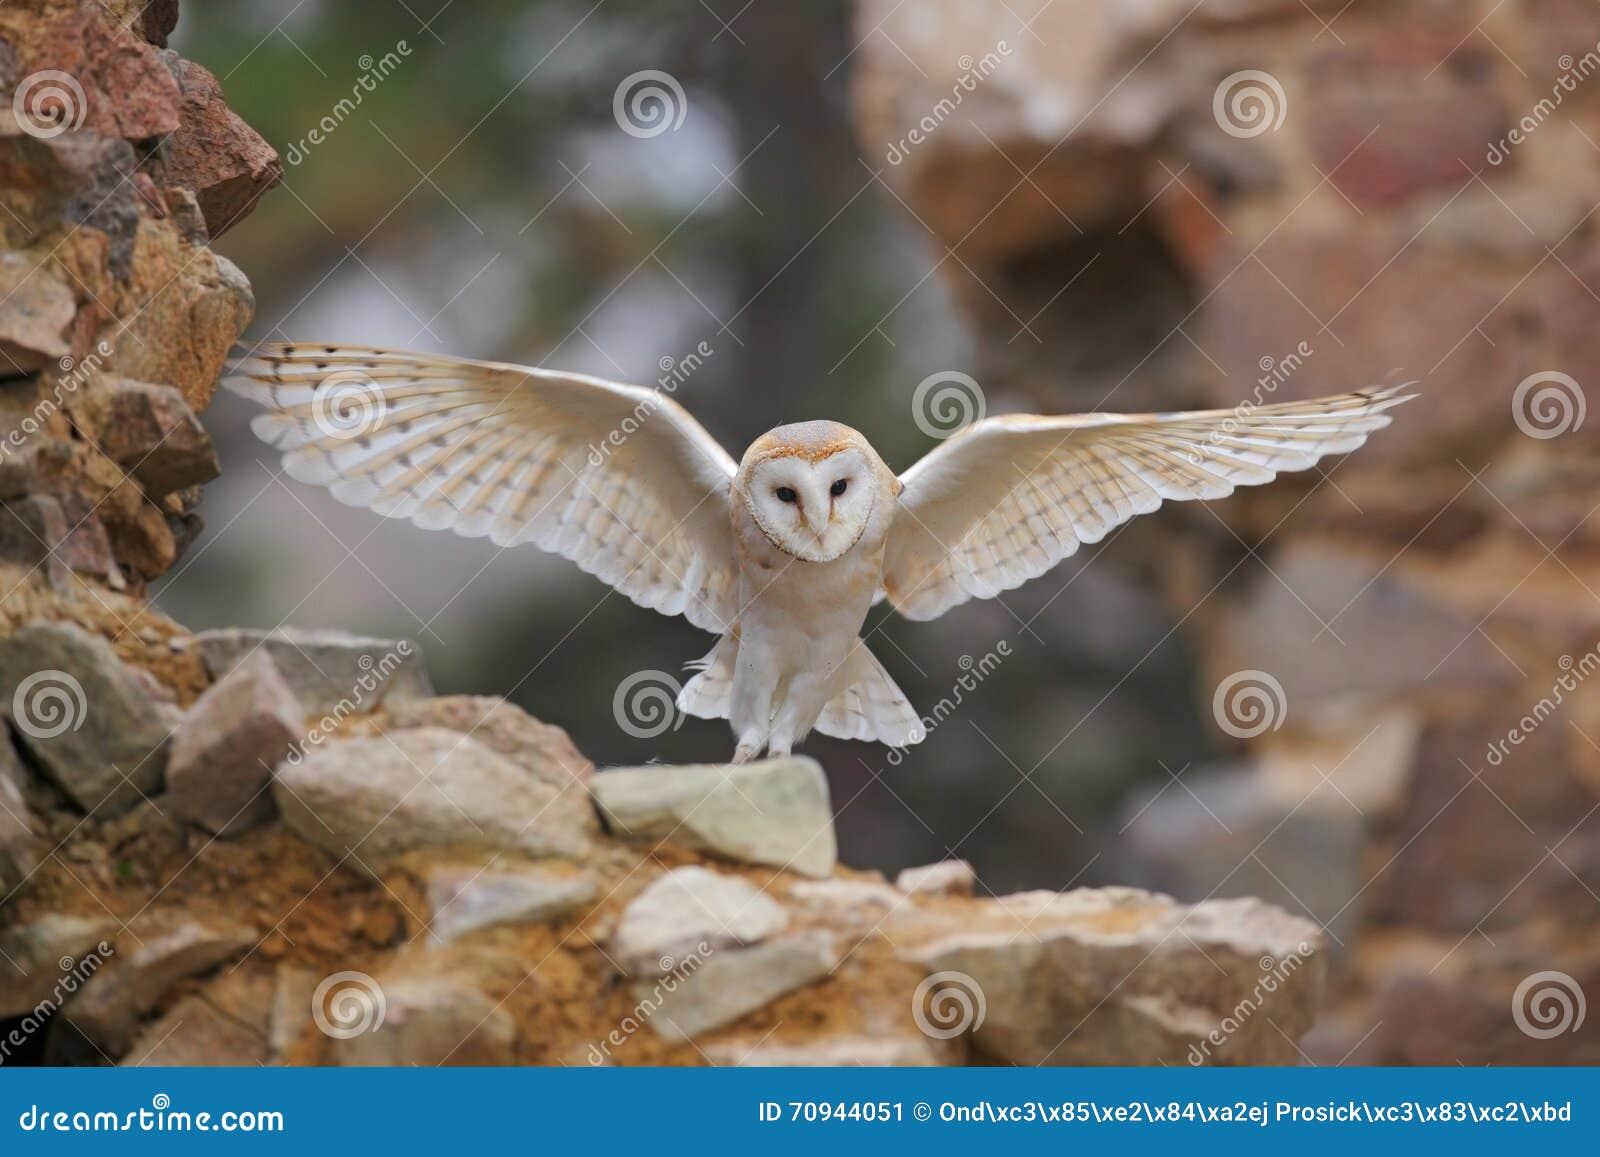 谷仓猫头鹰, Tyto晨曲,当精密翼飞行在石墙上,在老城堡的轻的鸟着陆,动物在城市生活环境,单位